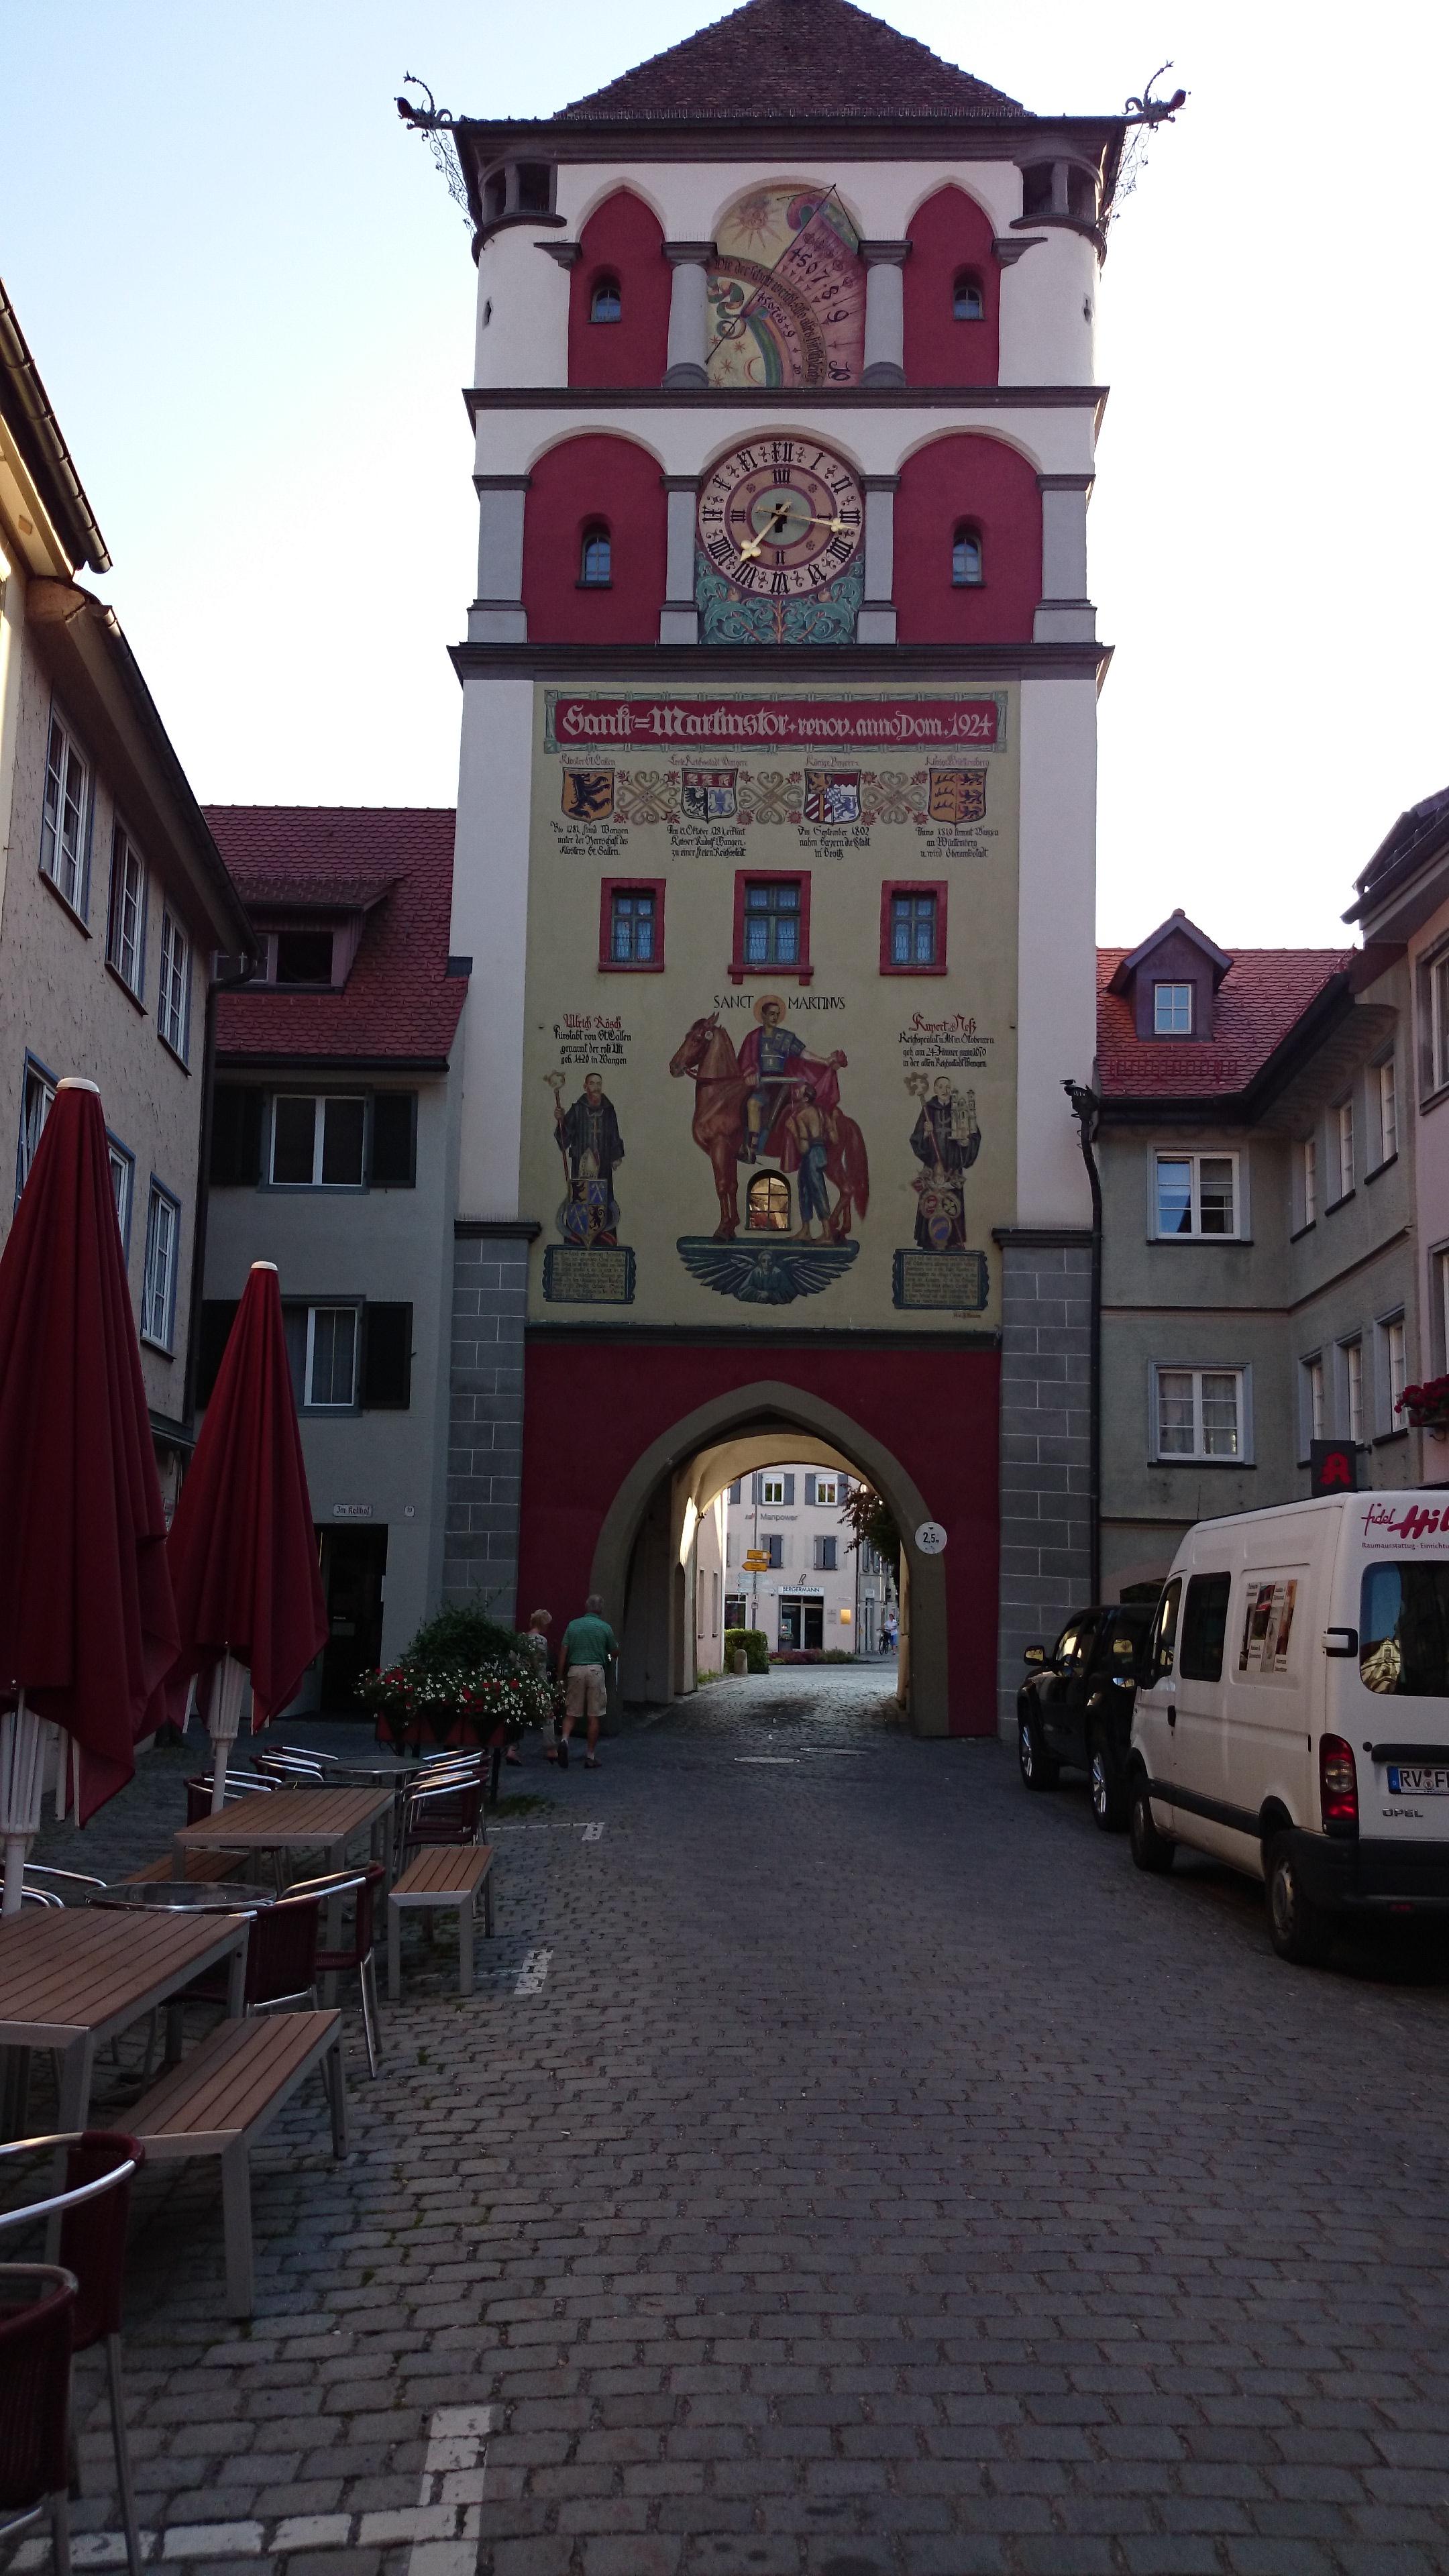 Wangen, Sankt Martinstor